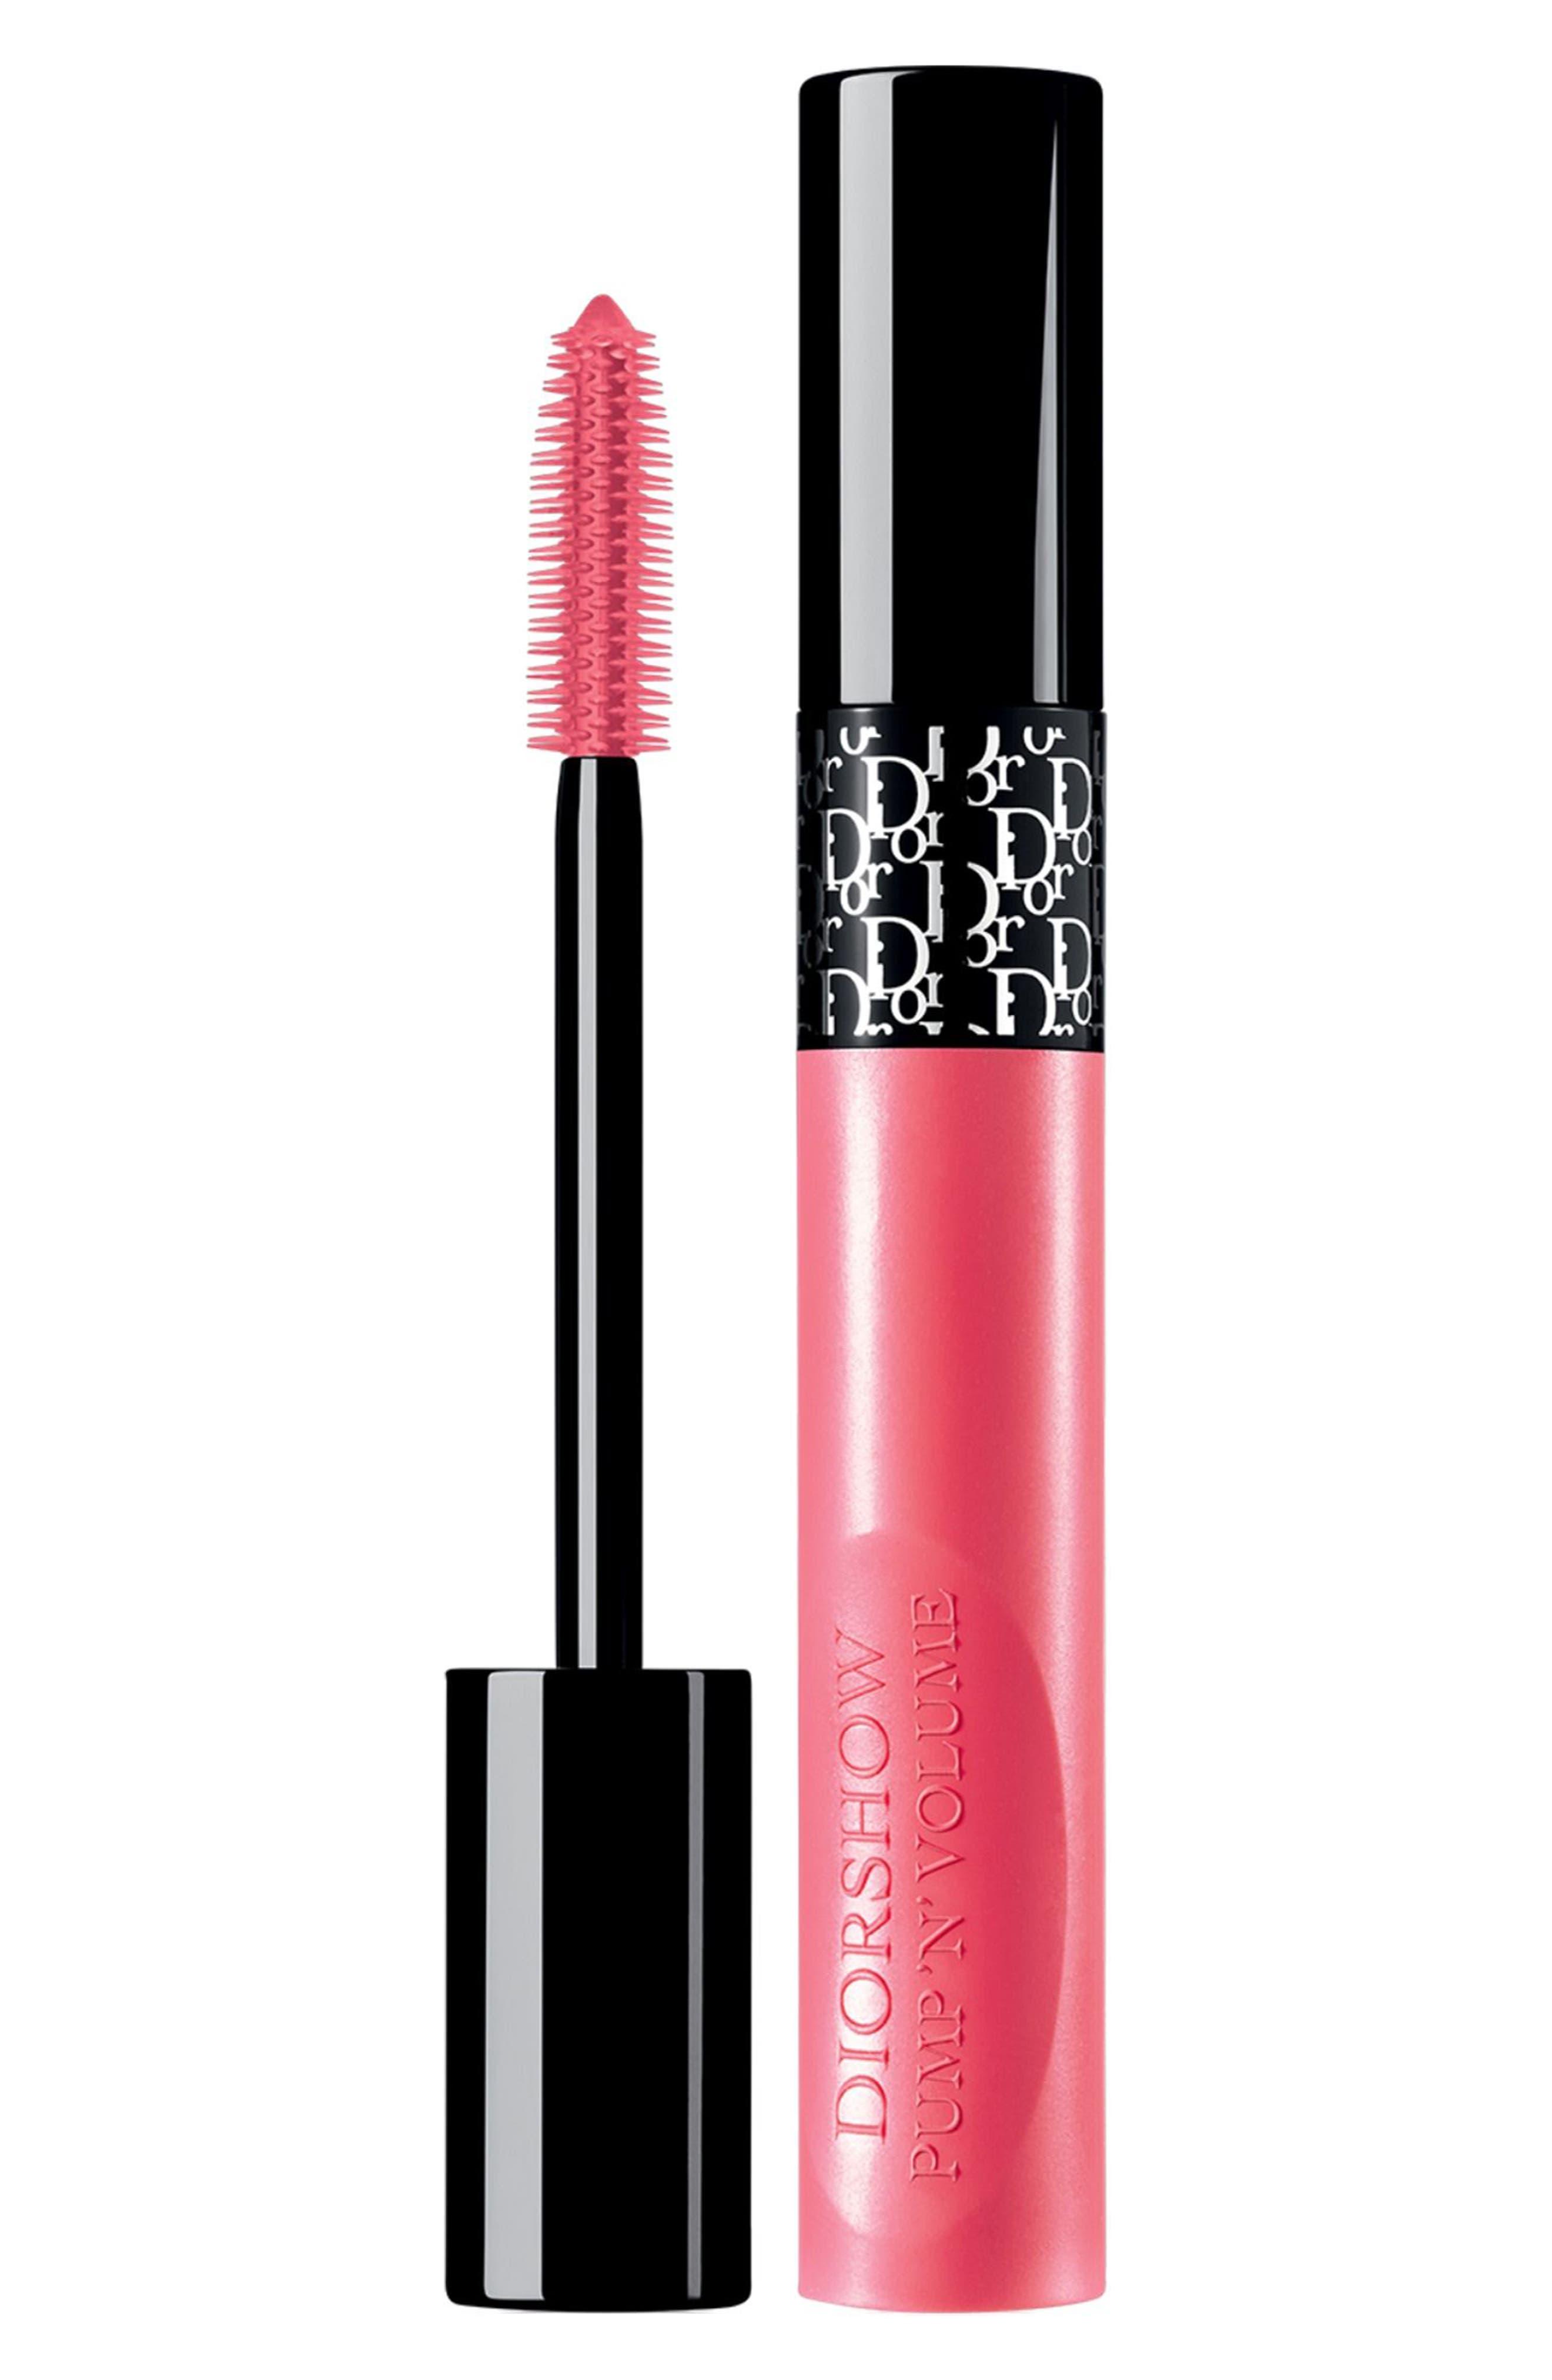 Dior Diorshow Pump N Volume Mascara - 640 Coral Pump